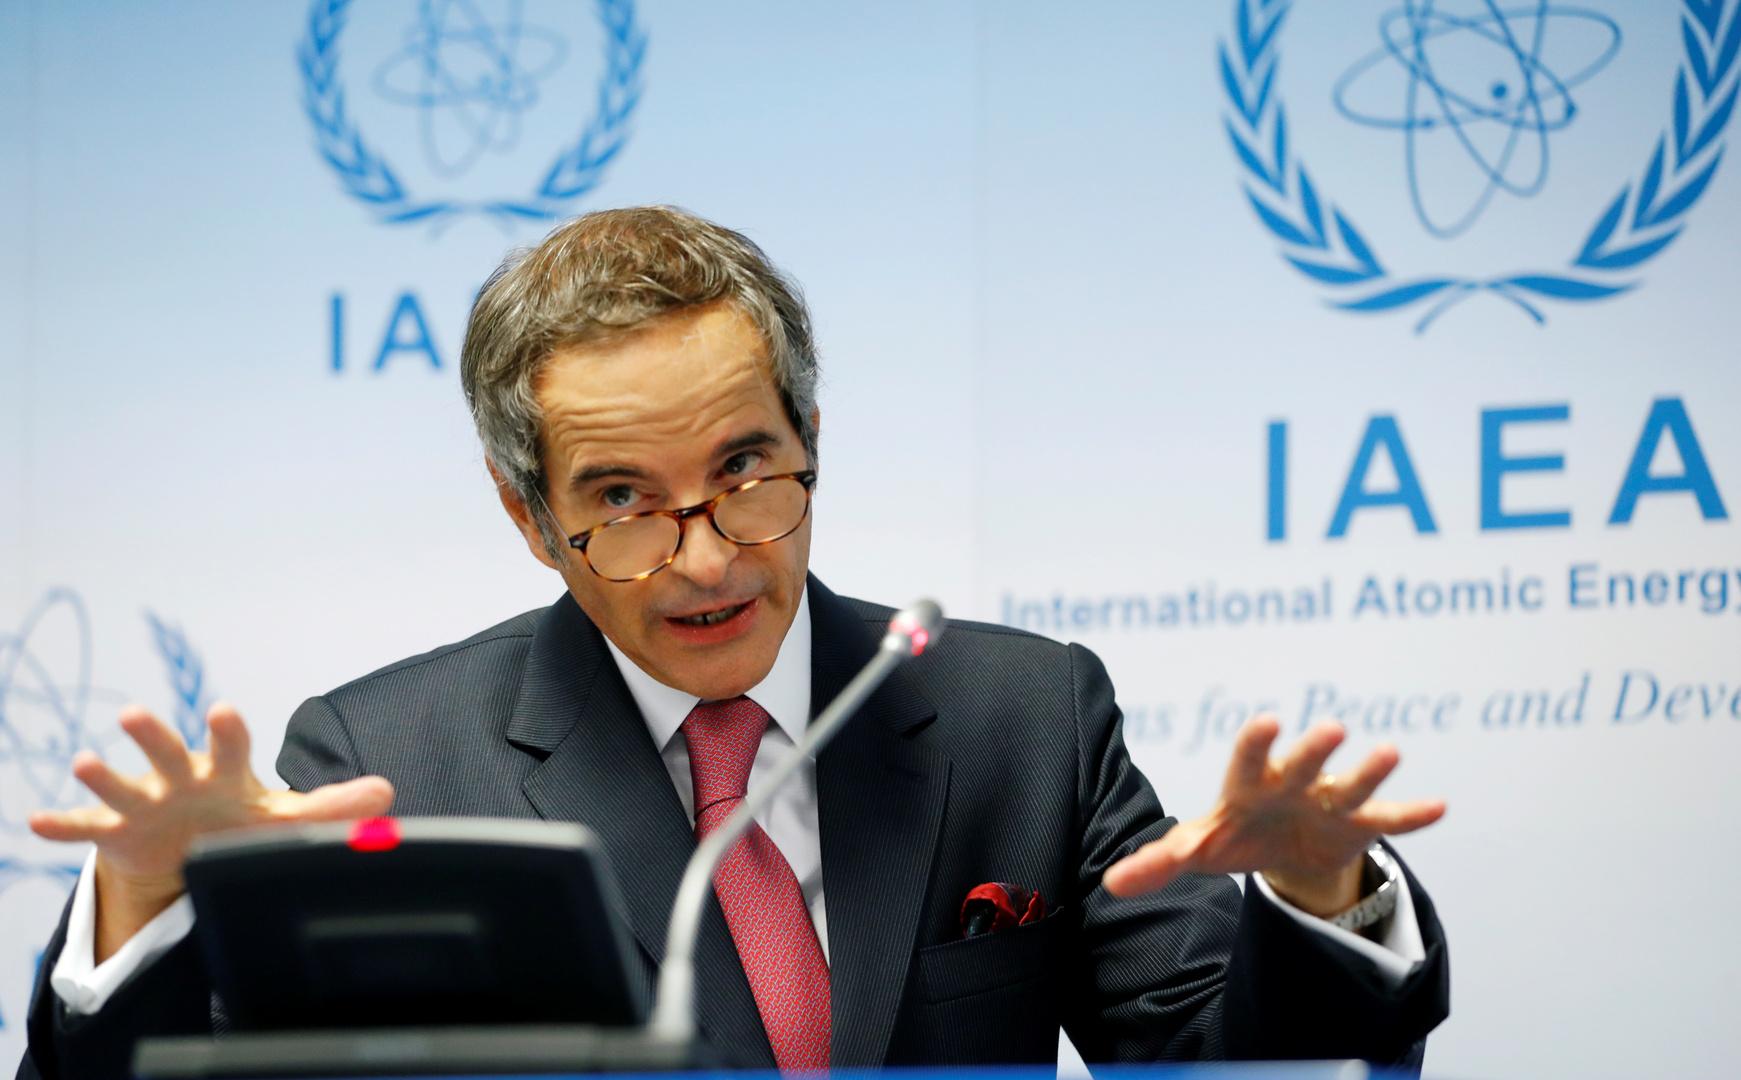 الطاقة الذرية: إيران منعتنا من معاينة منشأة ذرية تعرضت لـ